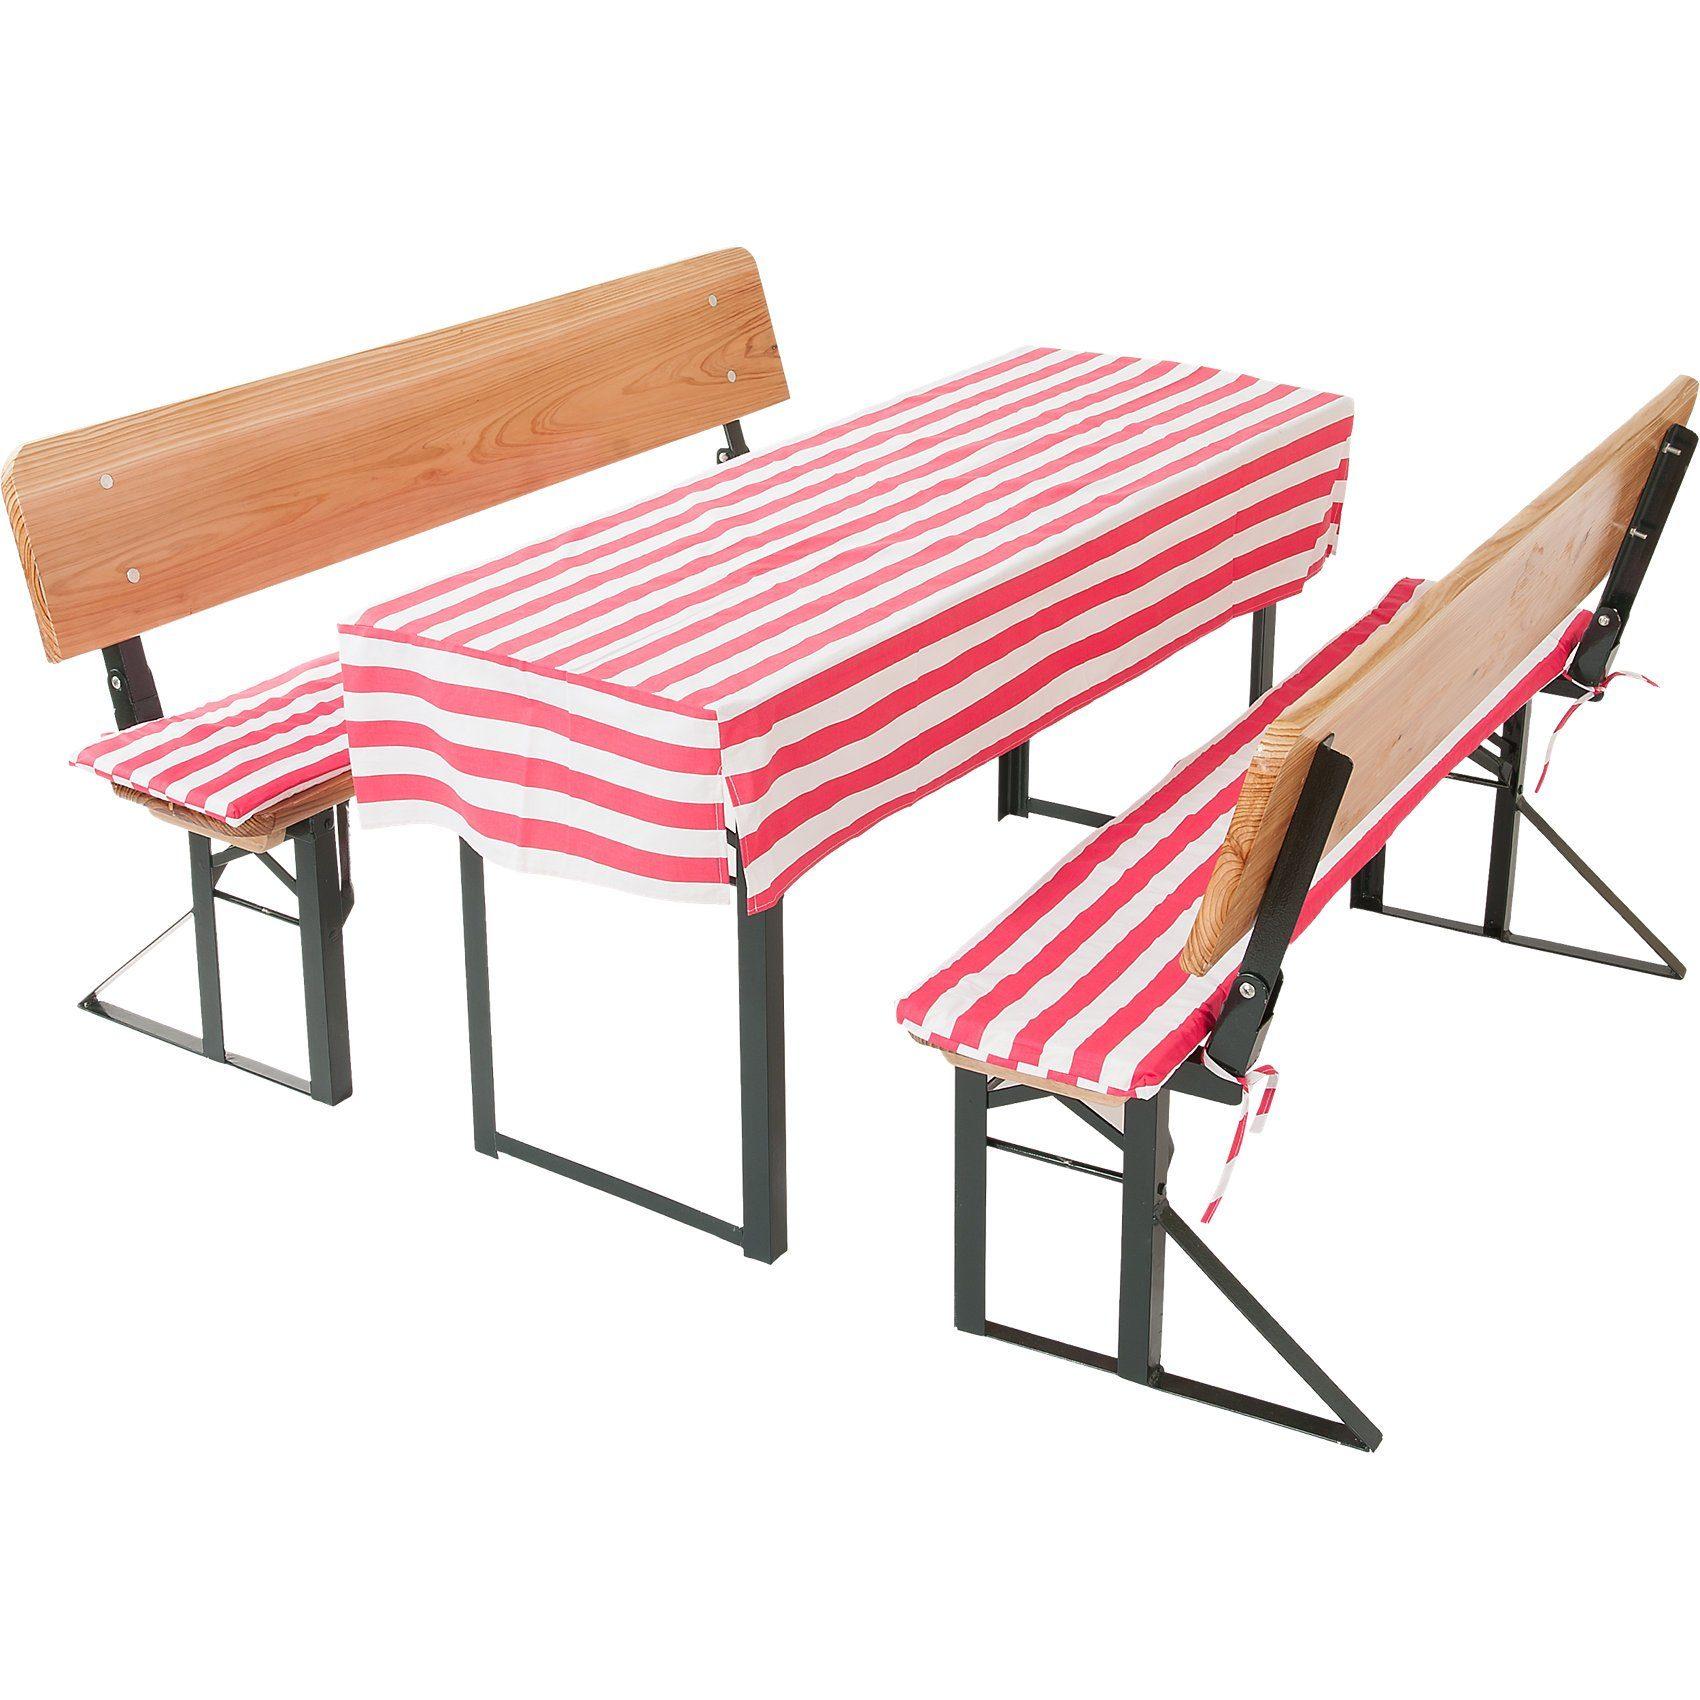 Pinolino® Tischhusse für Kinderfestzeltgarnituren, 110